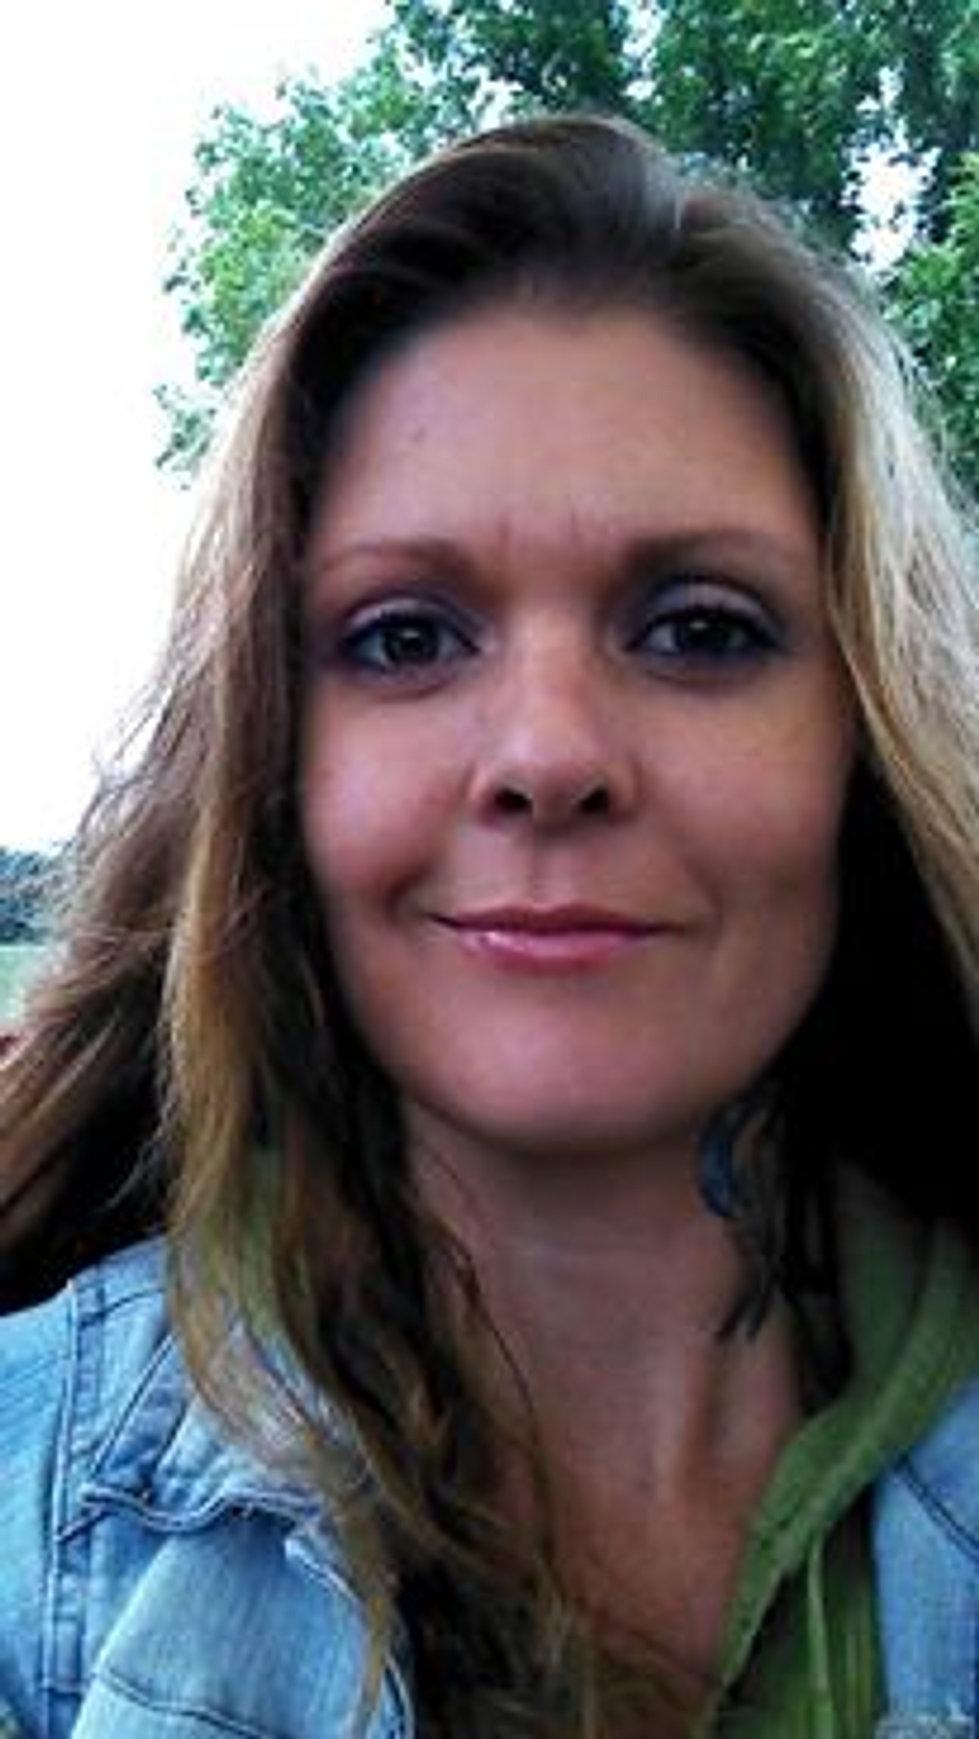 Tammy Cruz